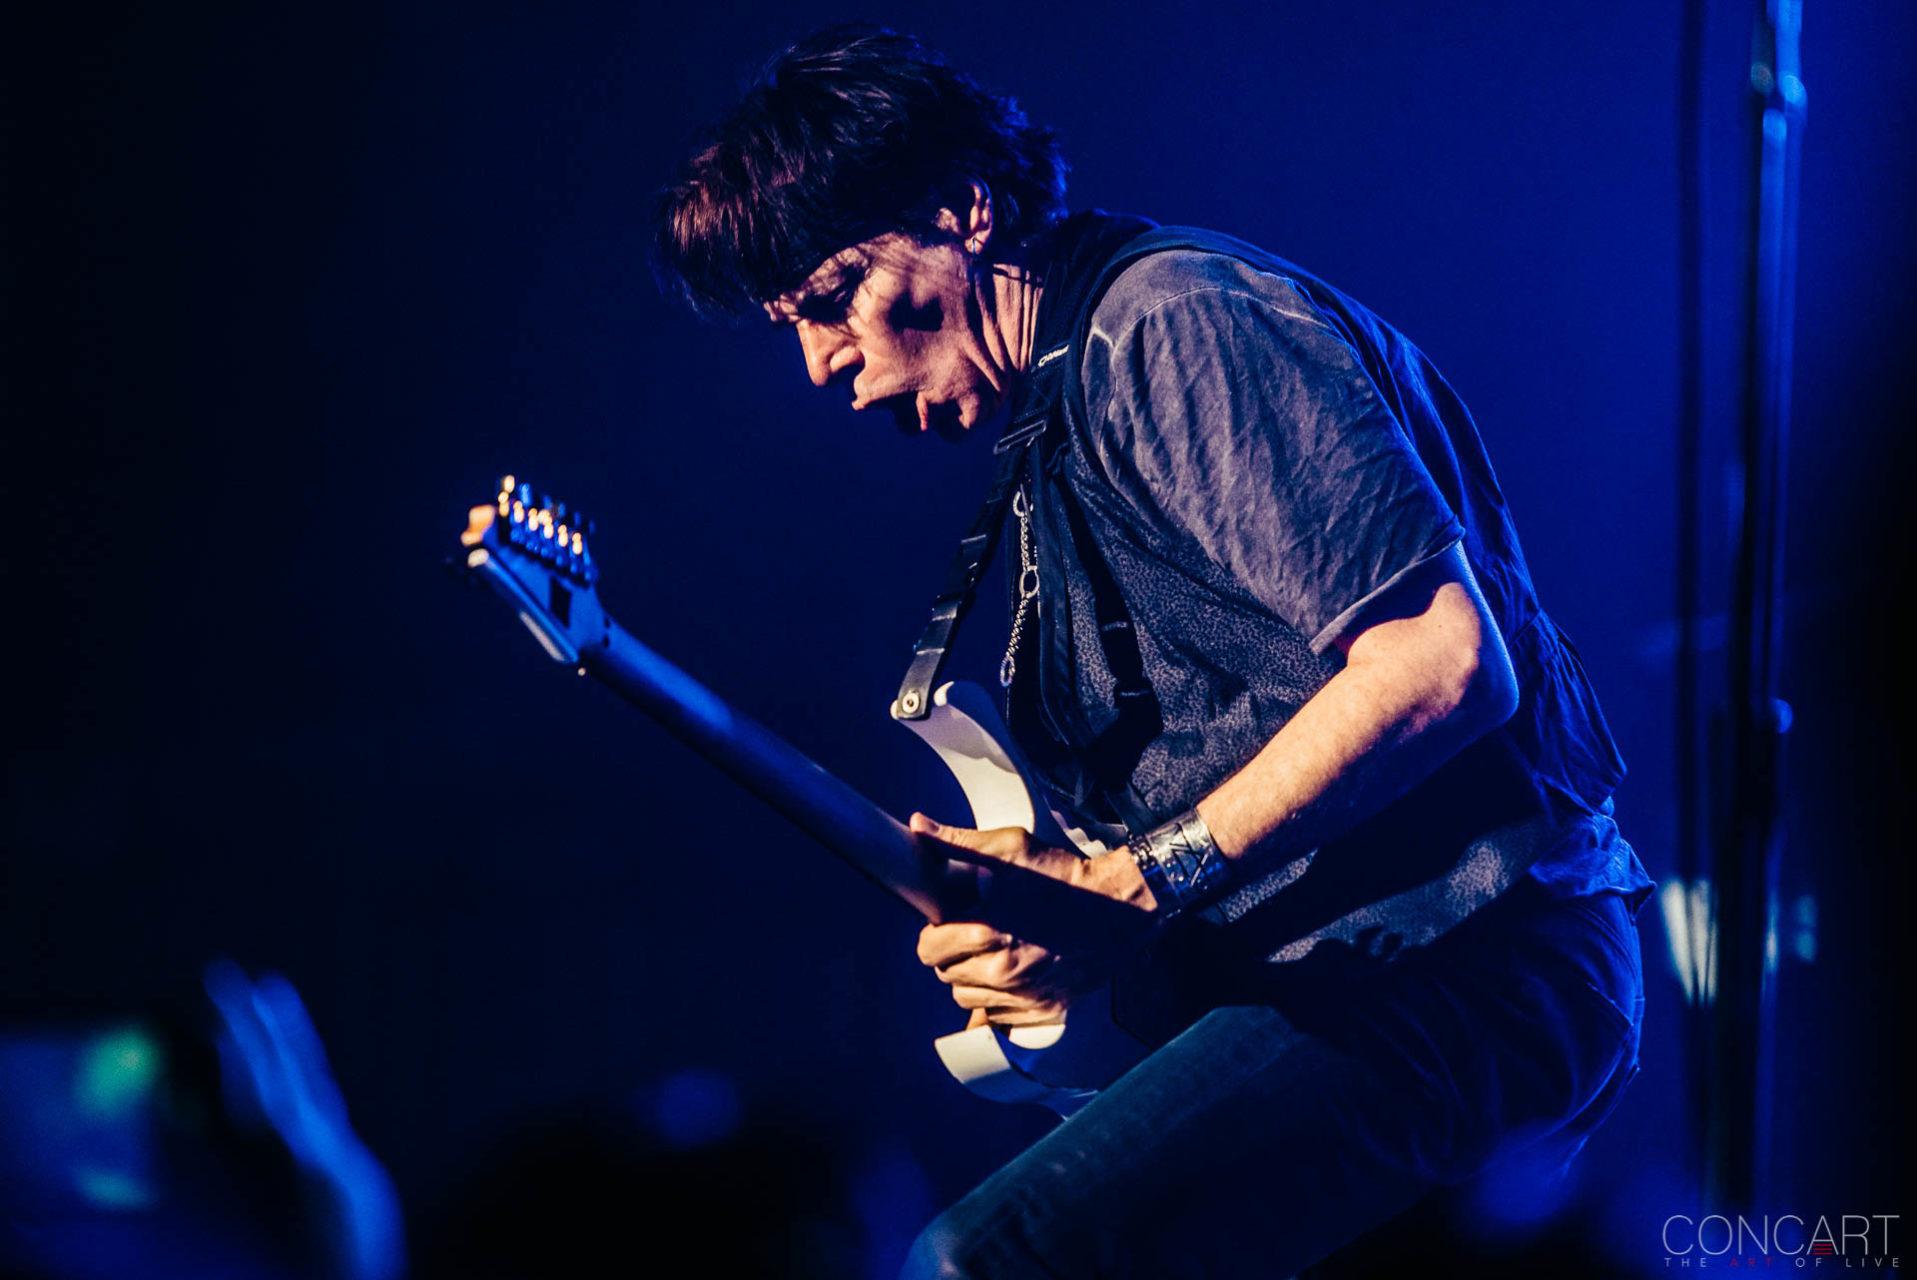 Steve Vai photo by Sean Molin 21